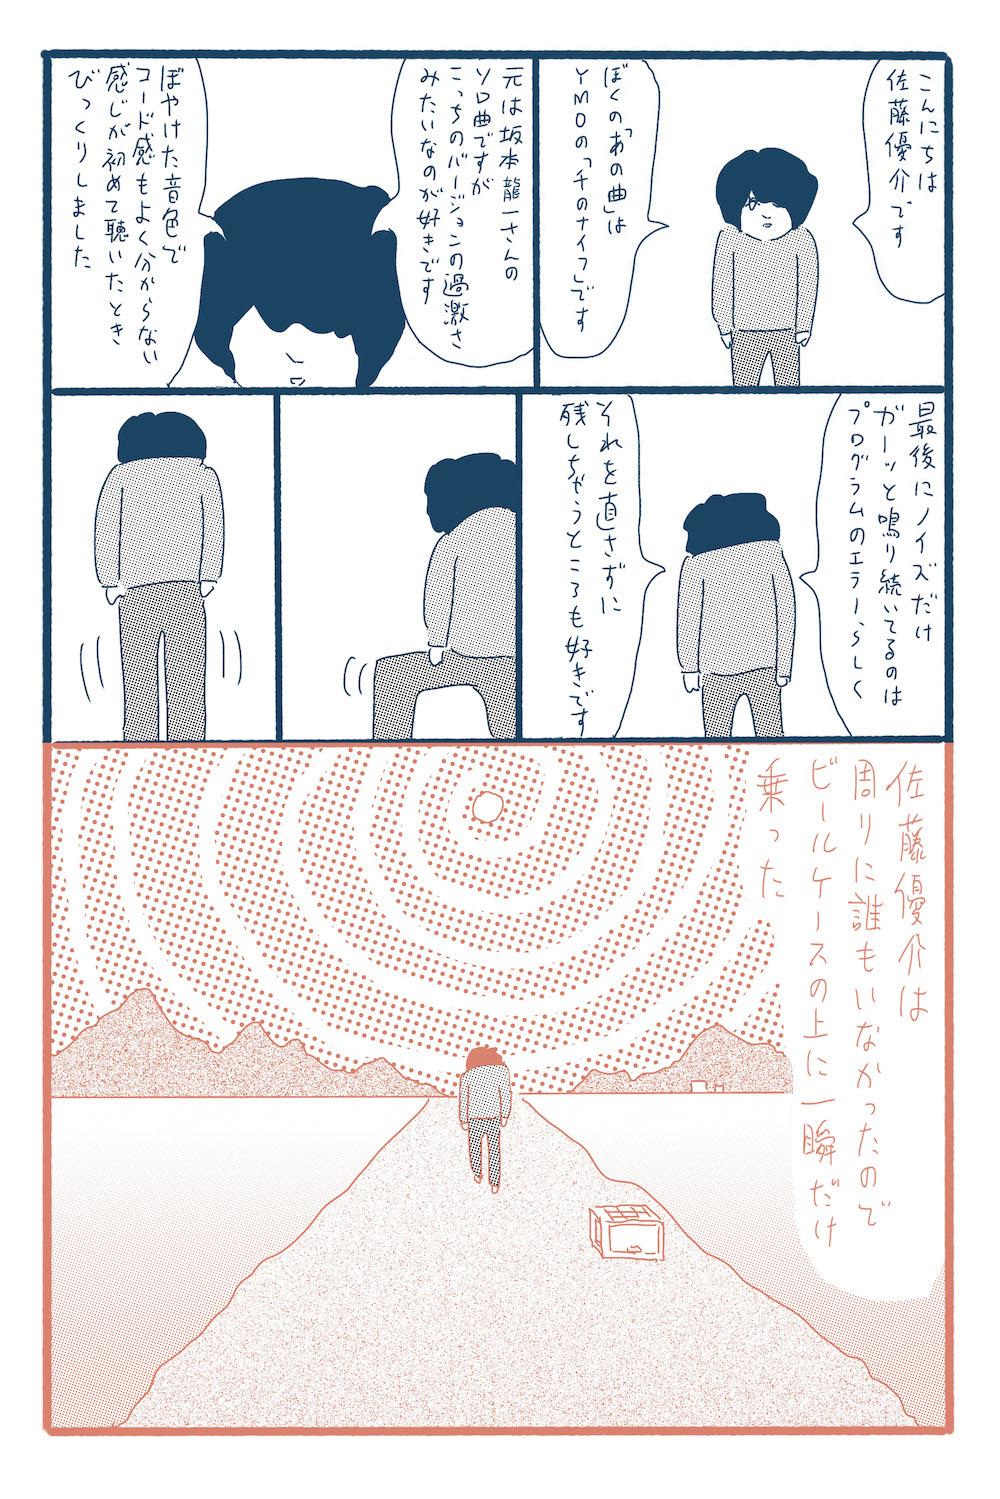 大橋裕之 佐藤優介